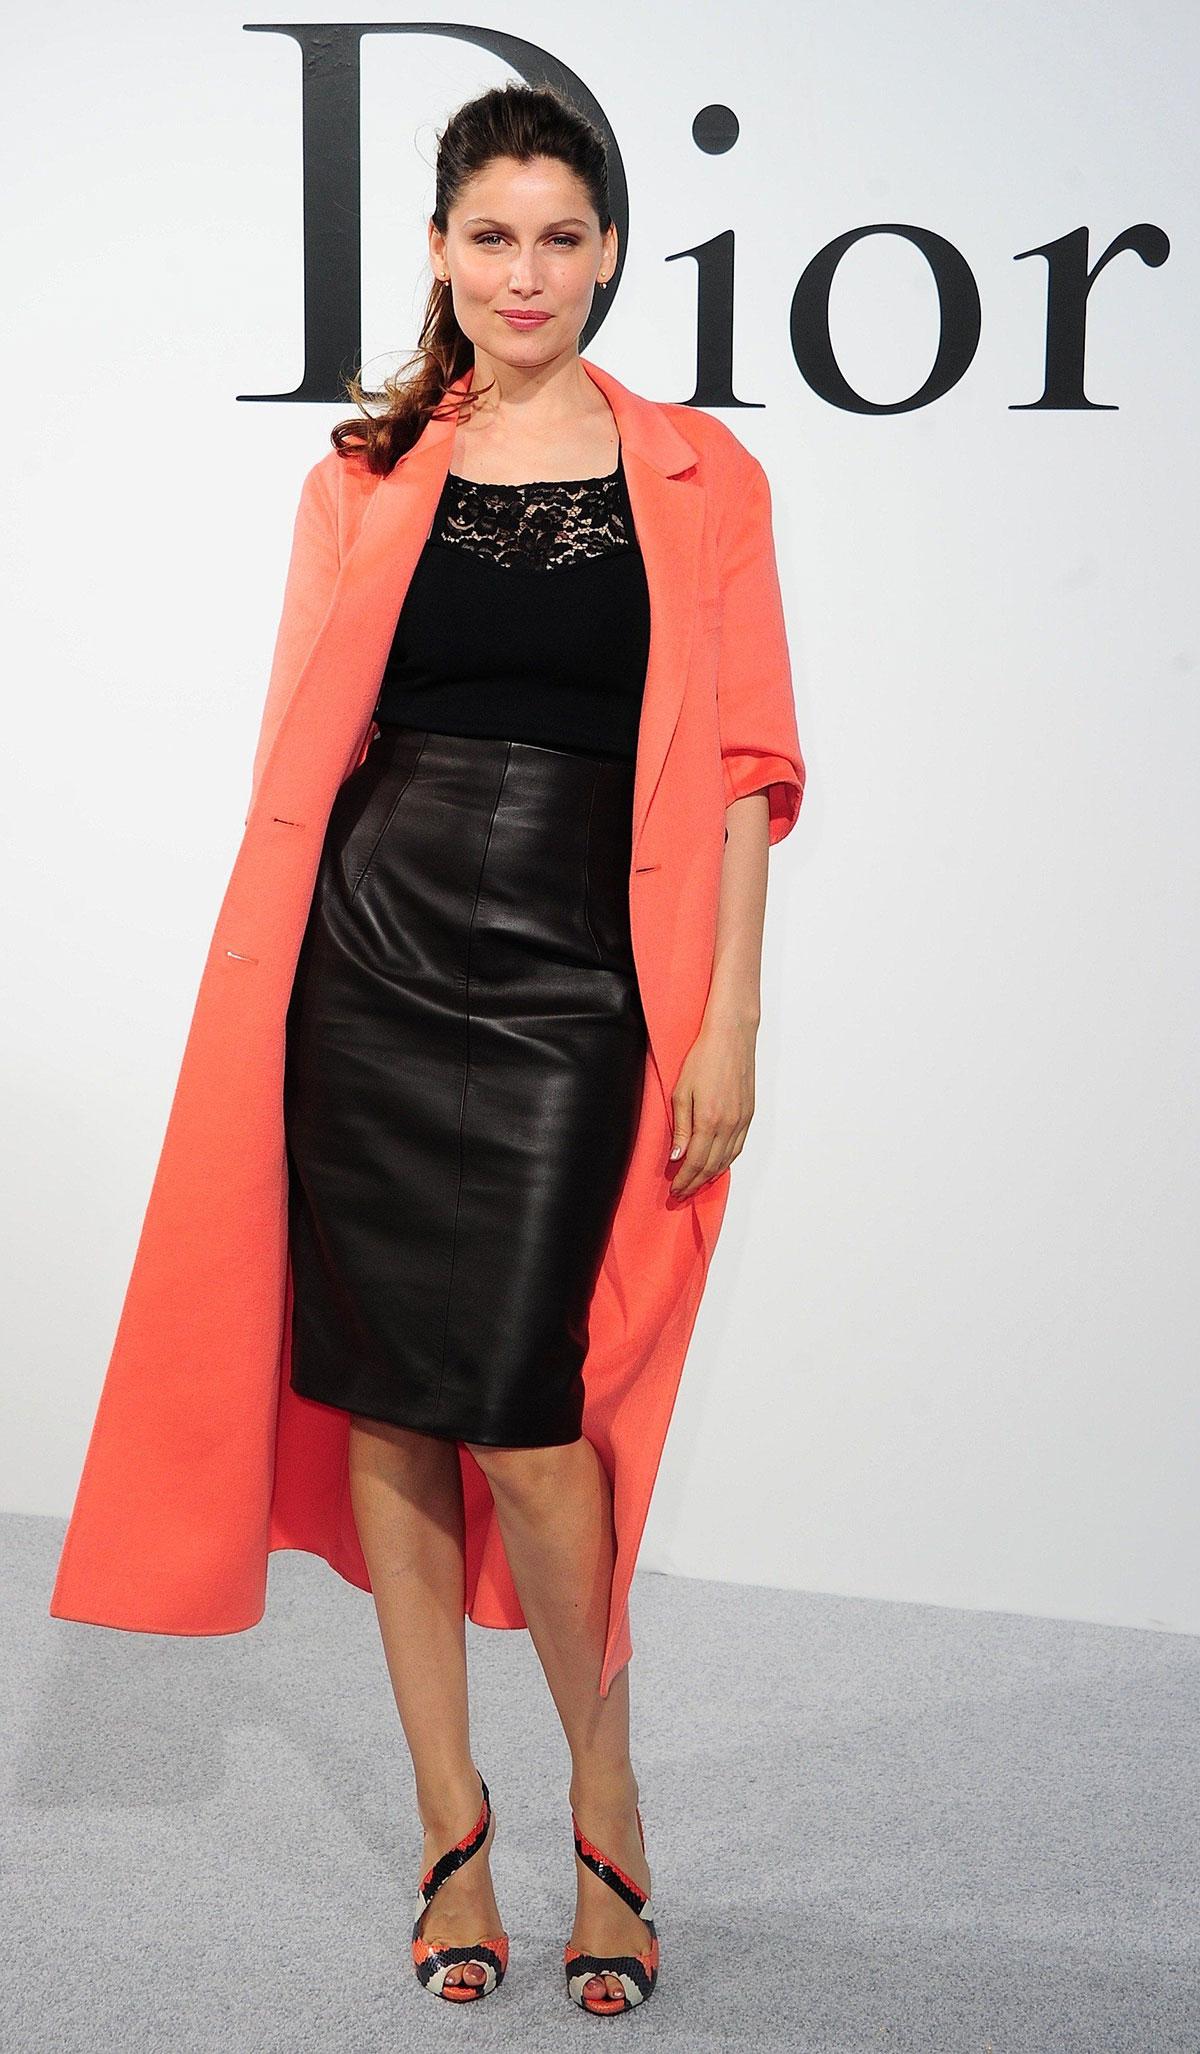 Laeticia Casta attends Dior Cruise 2015 Fashion Show